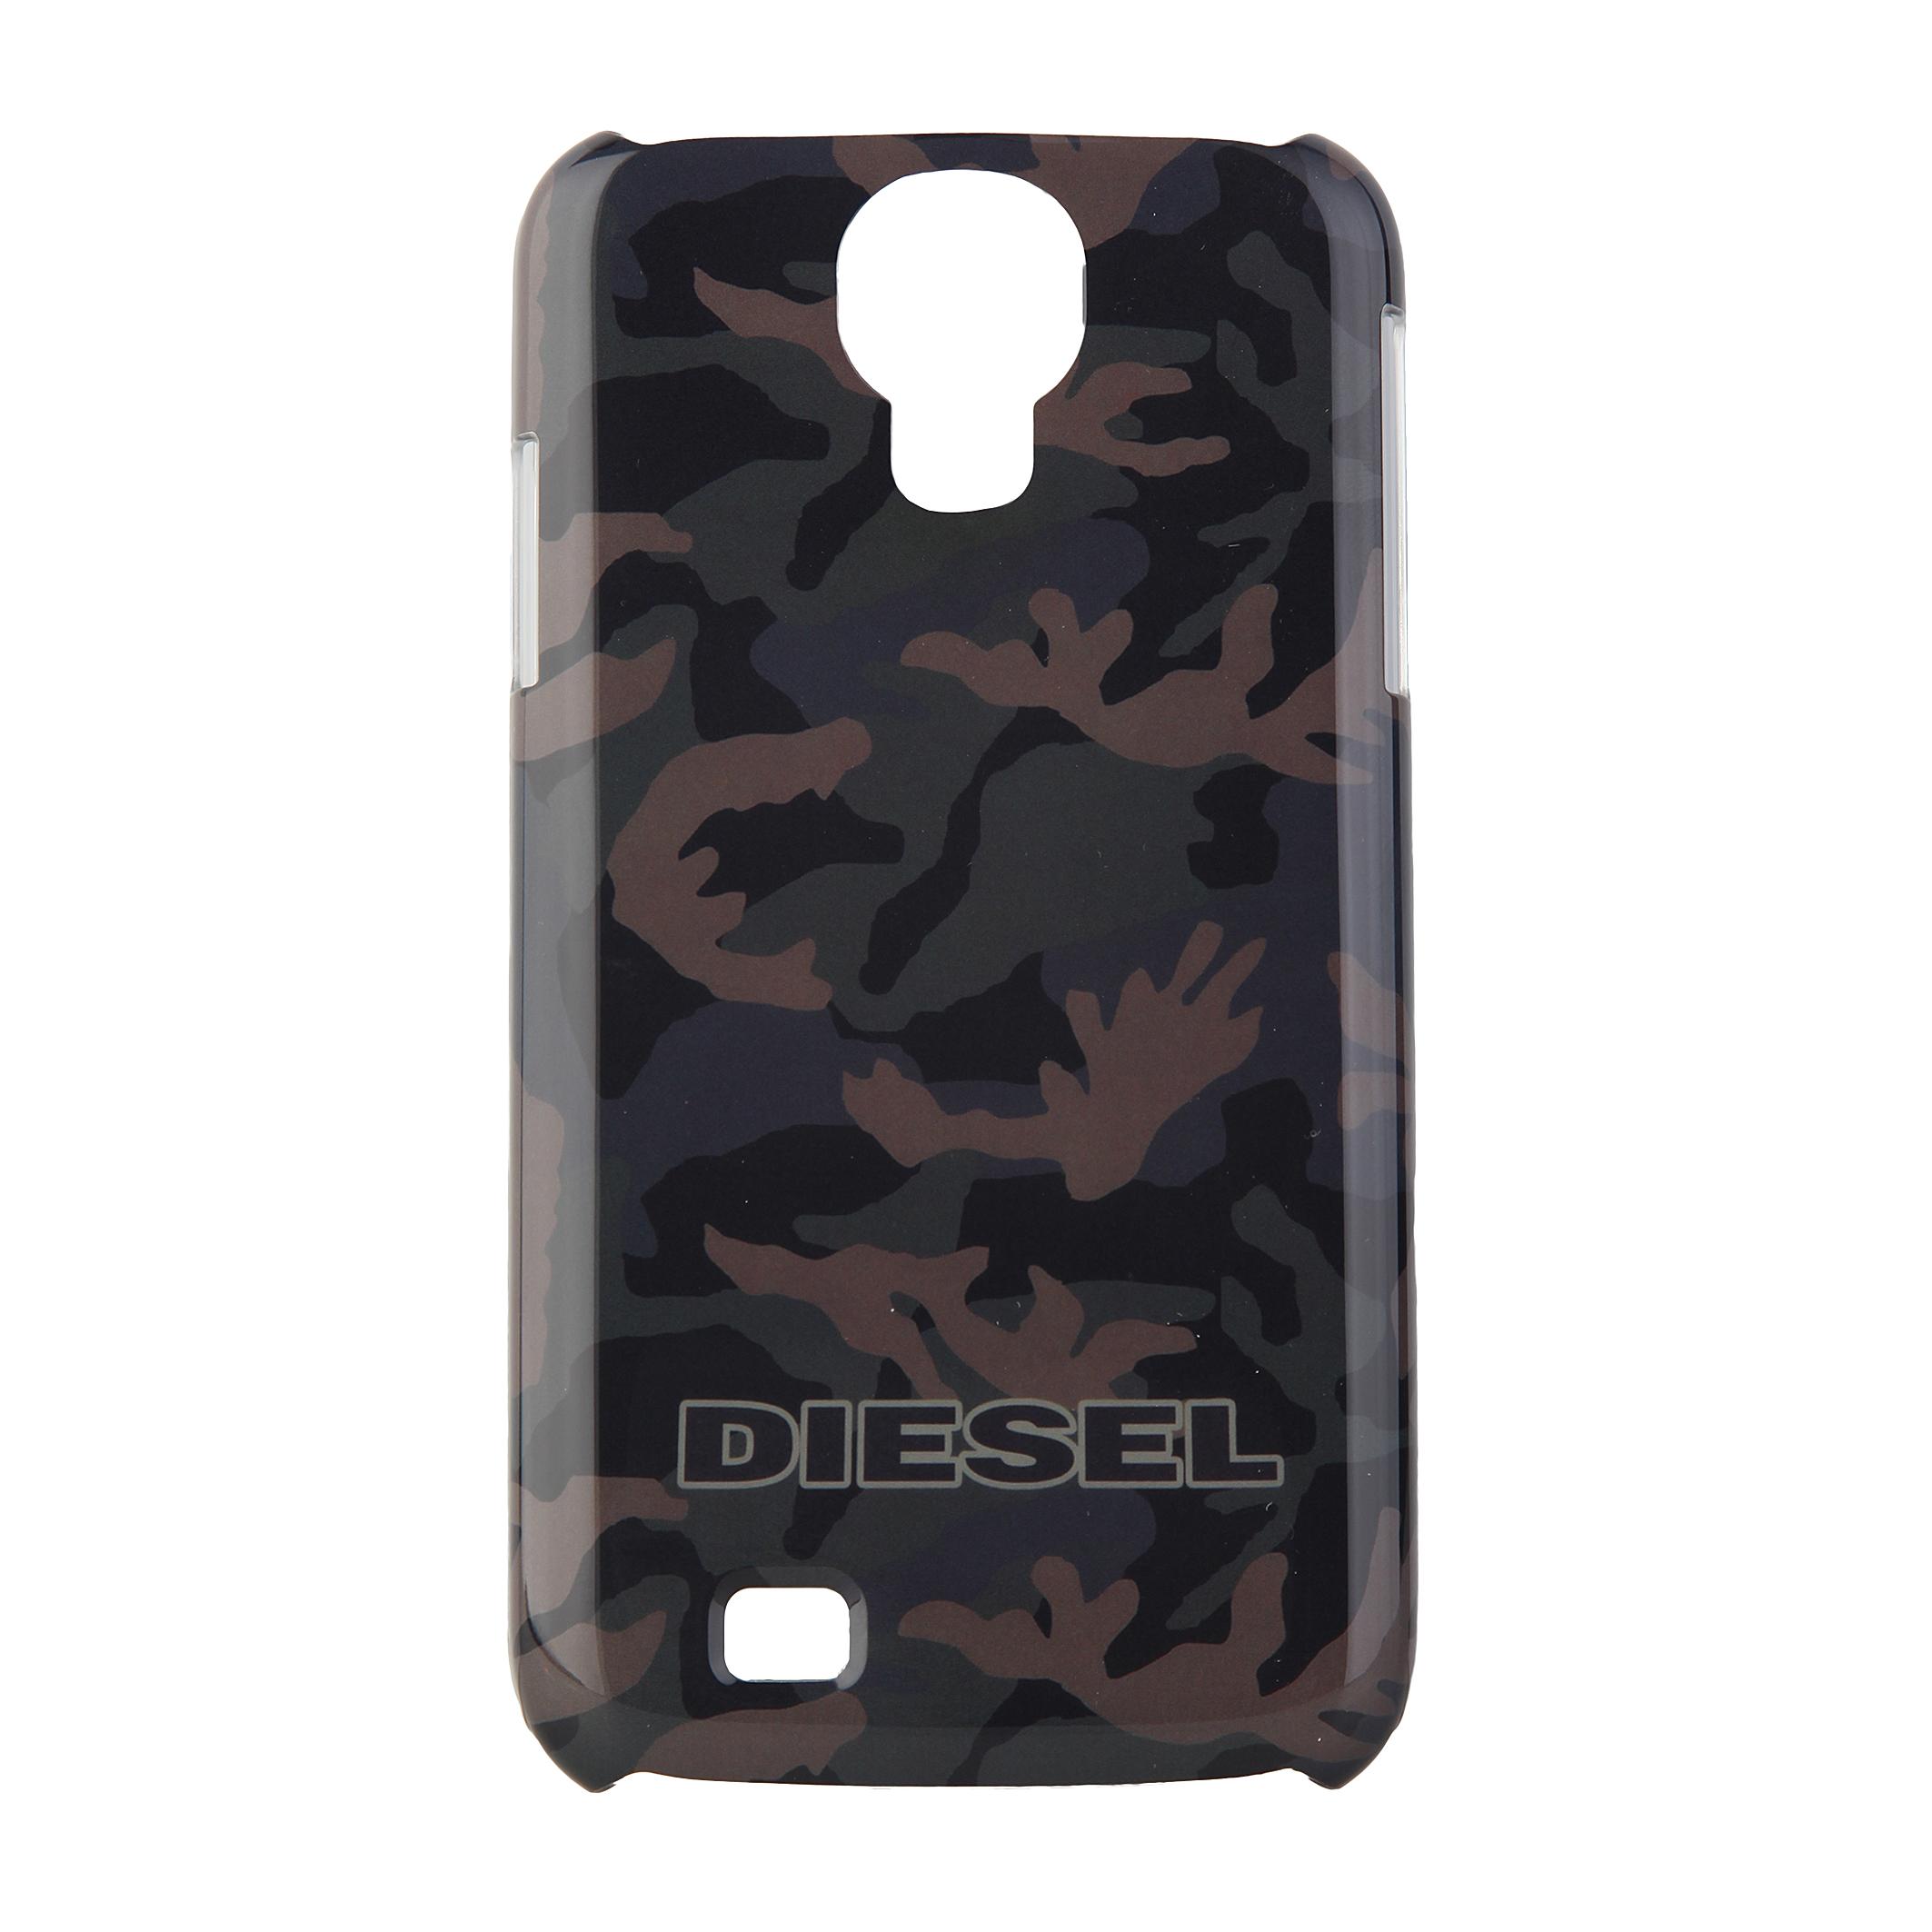 Diesel X02494 Ps616h3177